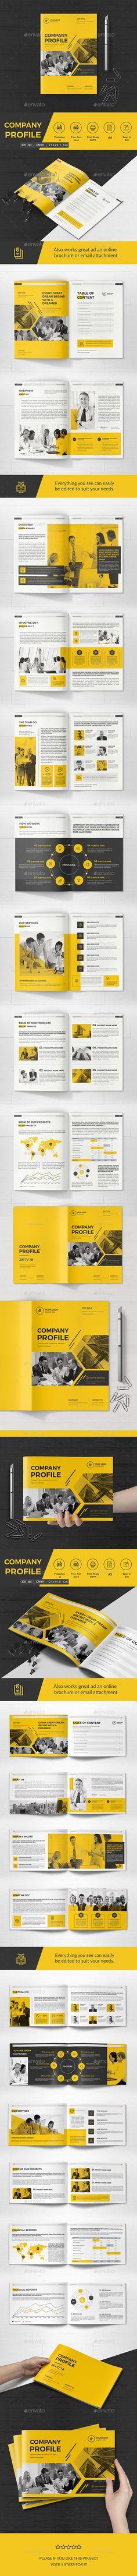 Bundle Company Profile Brochure Template PSD